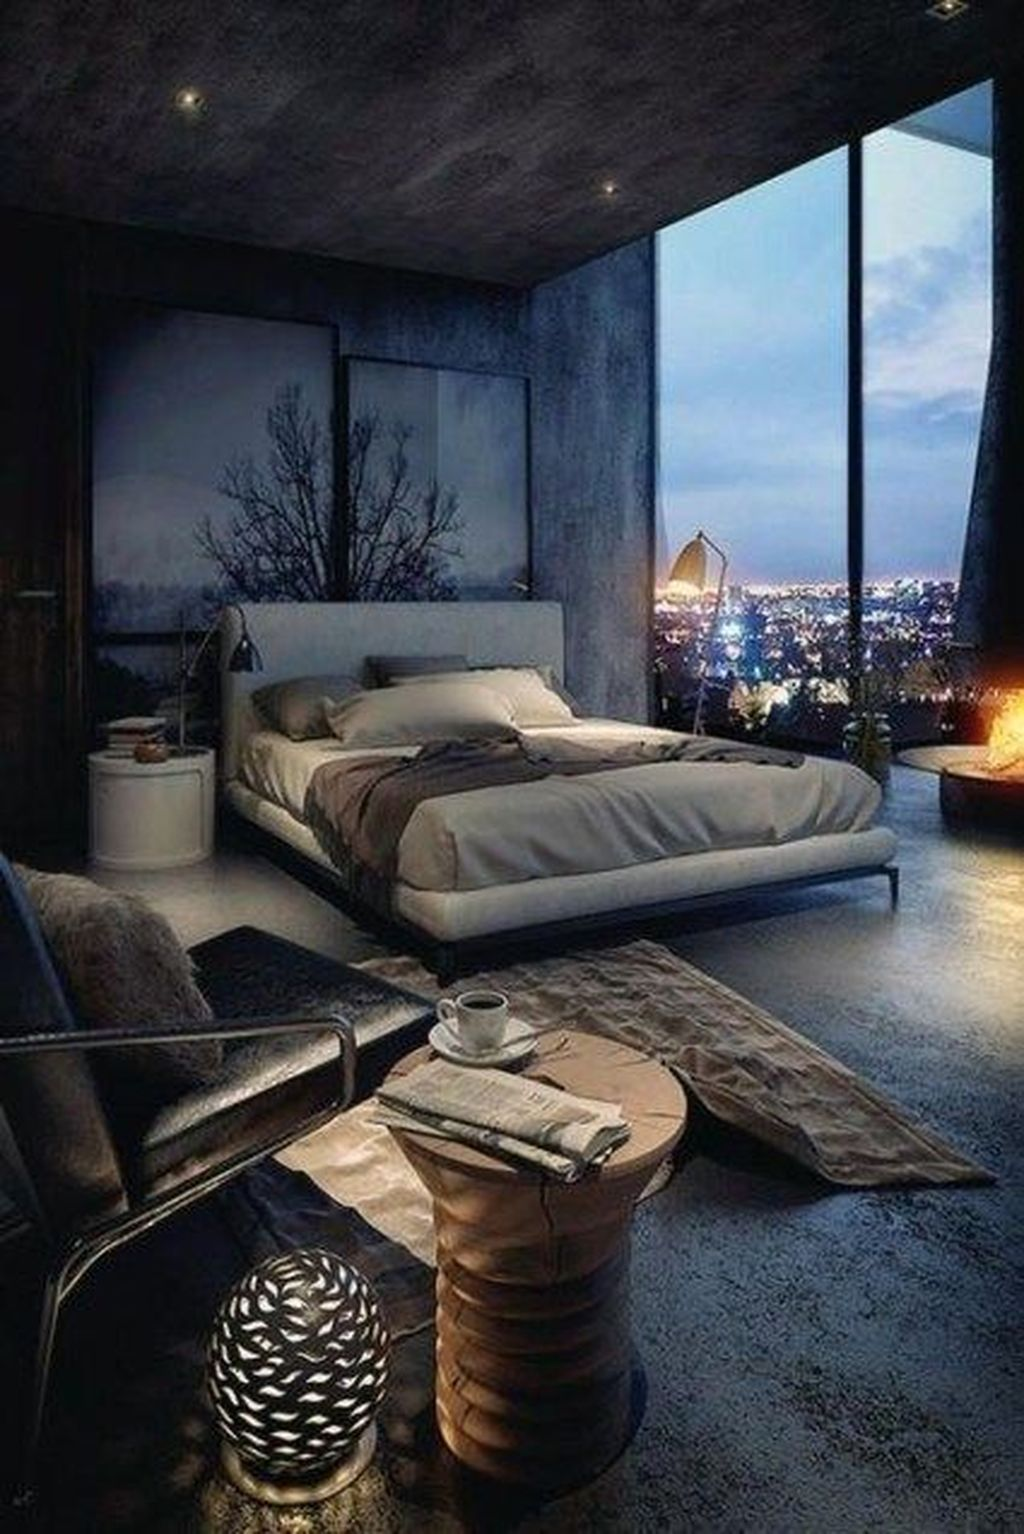 50 Luxury Modern Man Bedroom Design Ideas Luxurymensbedroom Luxurious Bedrooms Home Decor Bedroom Bedroom Design